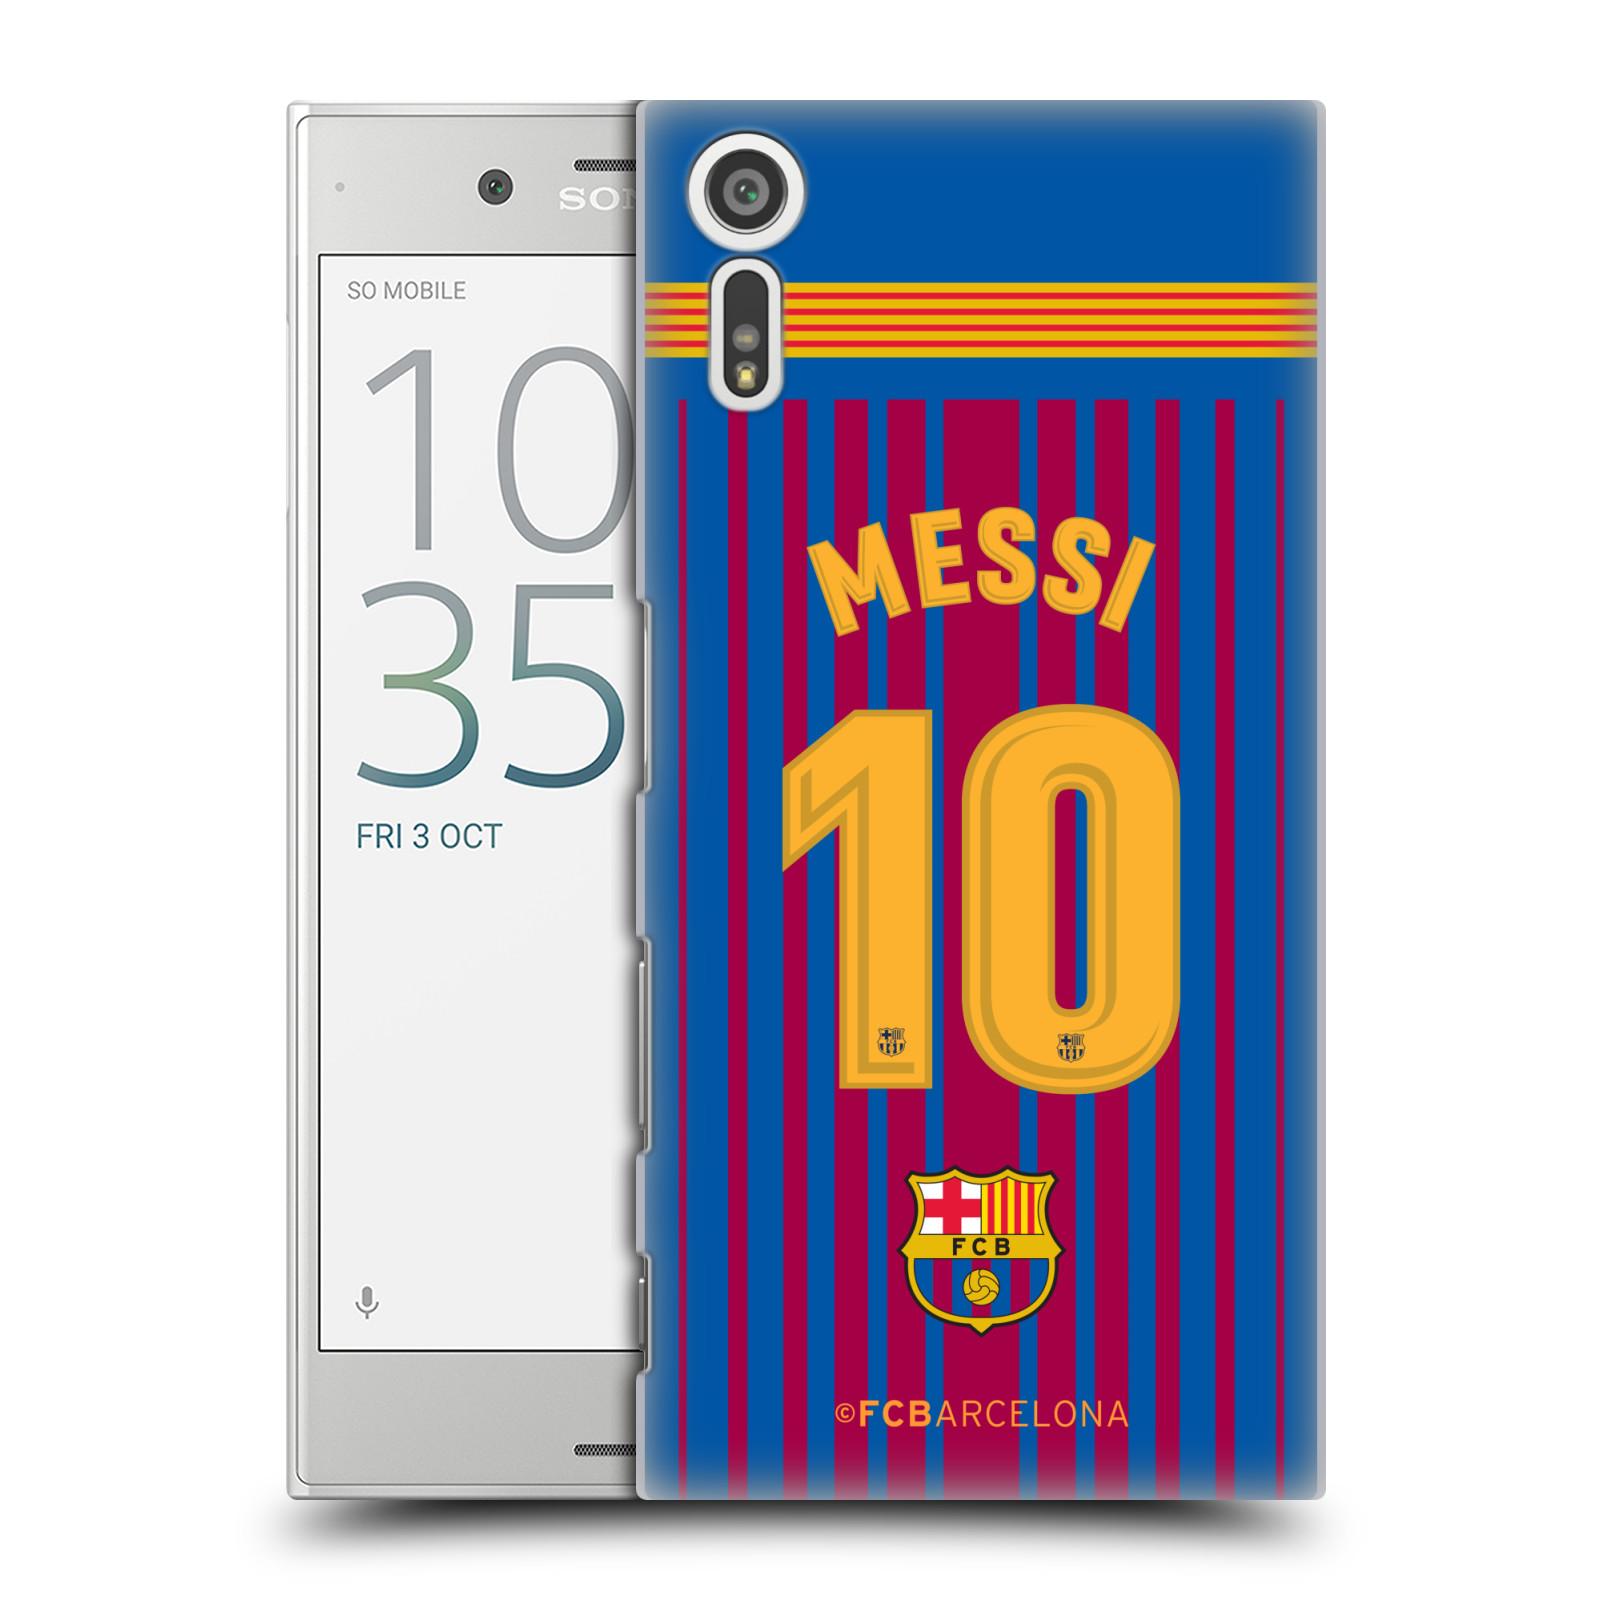 Plastové pouzdro na mobil Sony Xperia XZ - Head Case - FC Barcelona - Dres Messi (Plastový kryt či obal na mobilní telefon s oficiálním licencovaným motivem FC Barcelona - Dres Messi pro Sony Xperia XZ F8331 / Sony Xperia XZ Dual F8332)